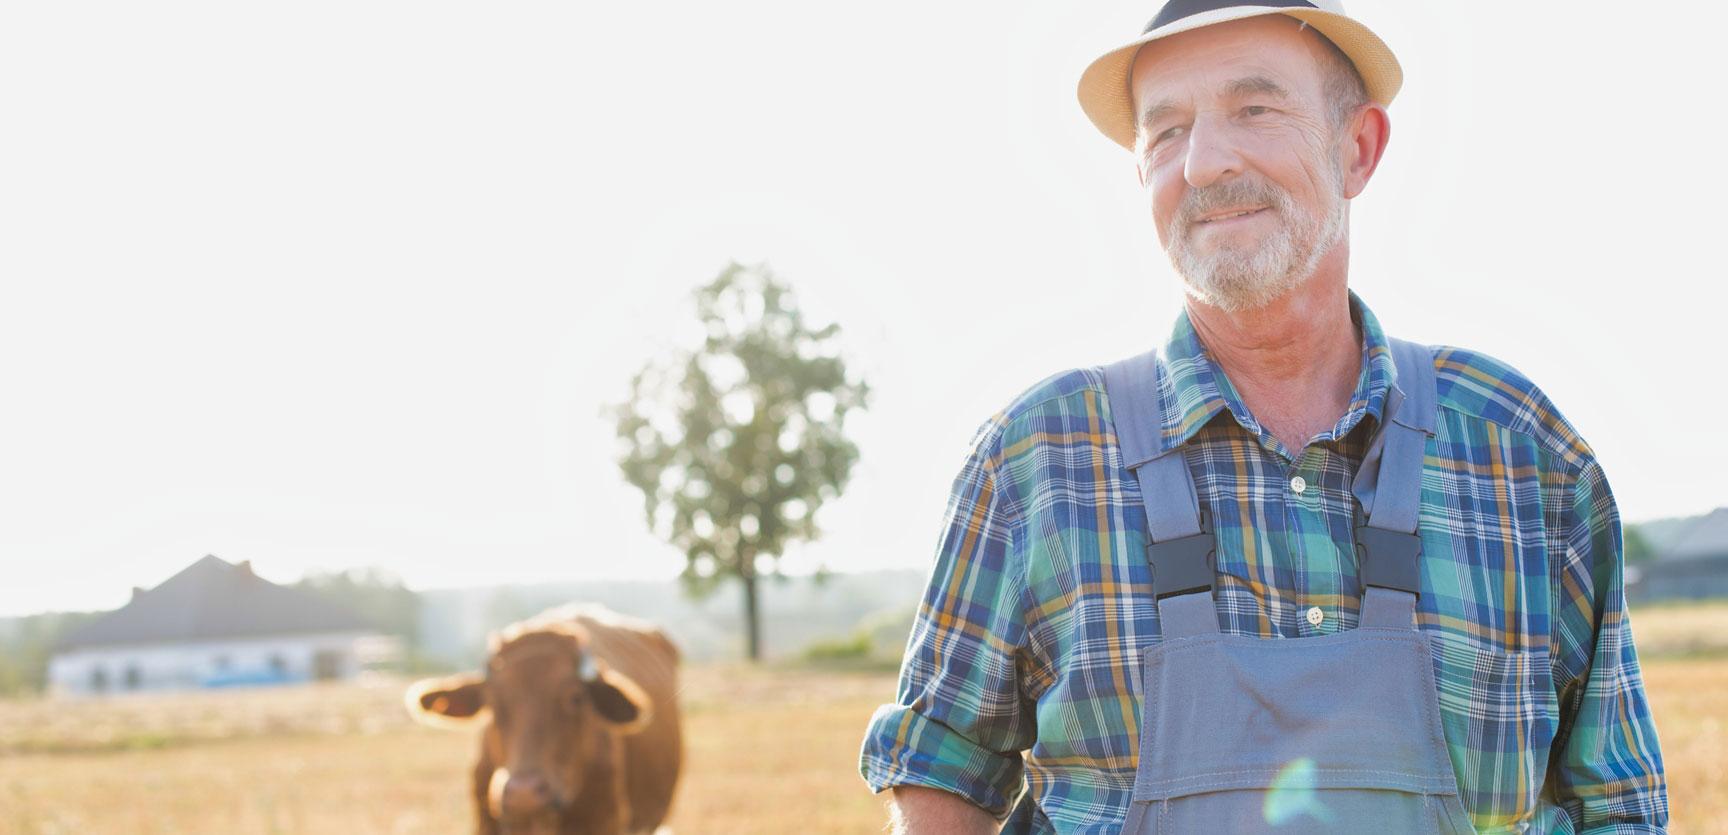 Verlängerung der Optionsfrist für umsatzsteuerpauschalierte Landwirte um ein Jahr